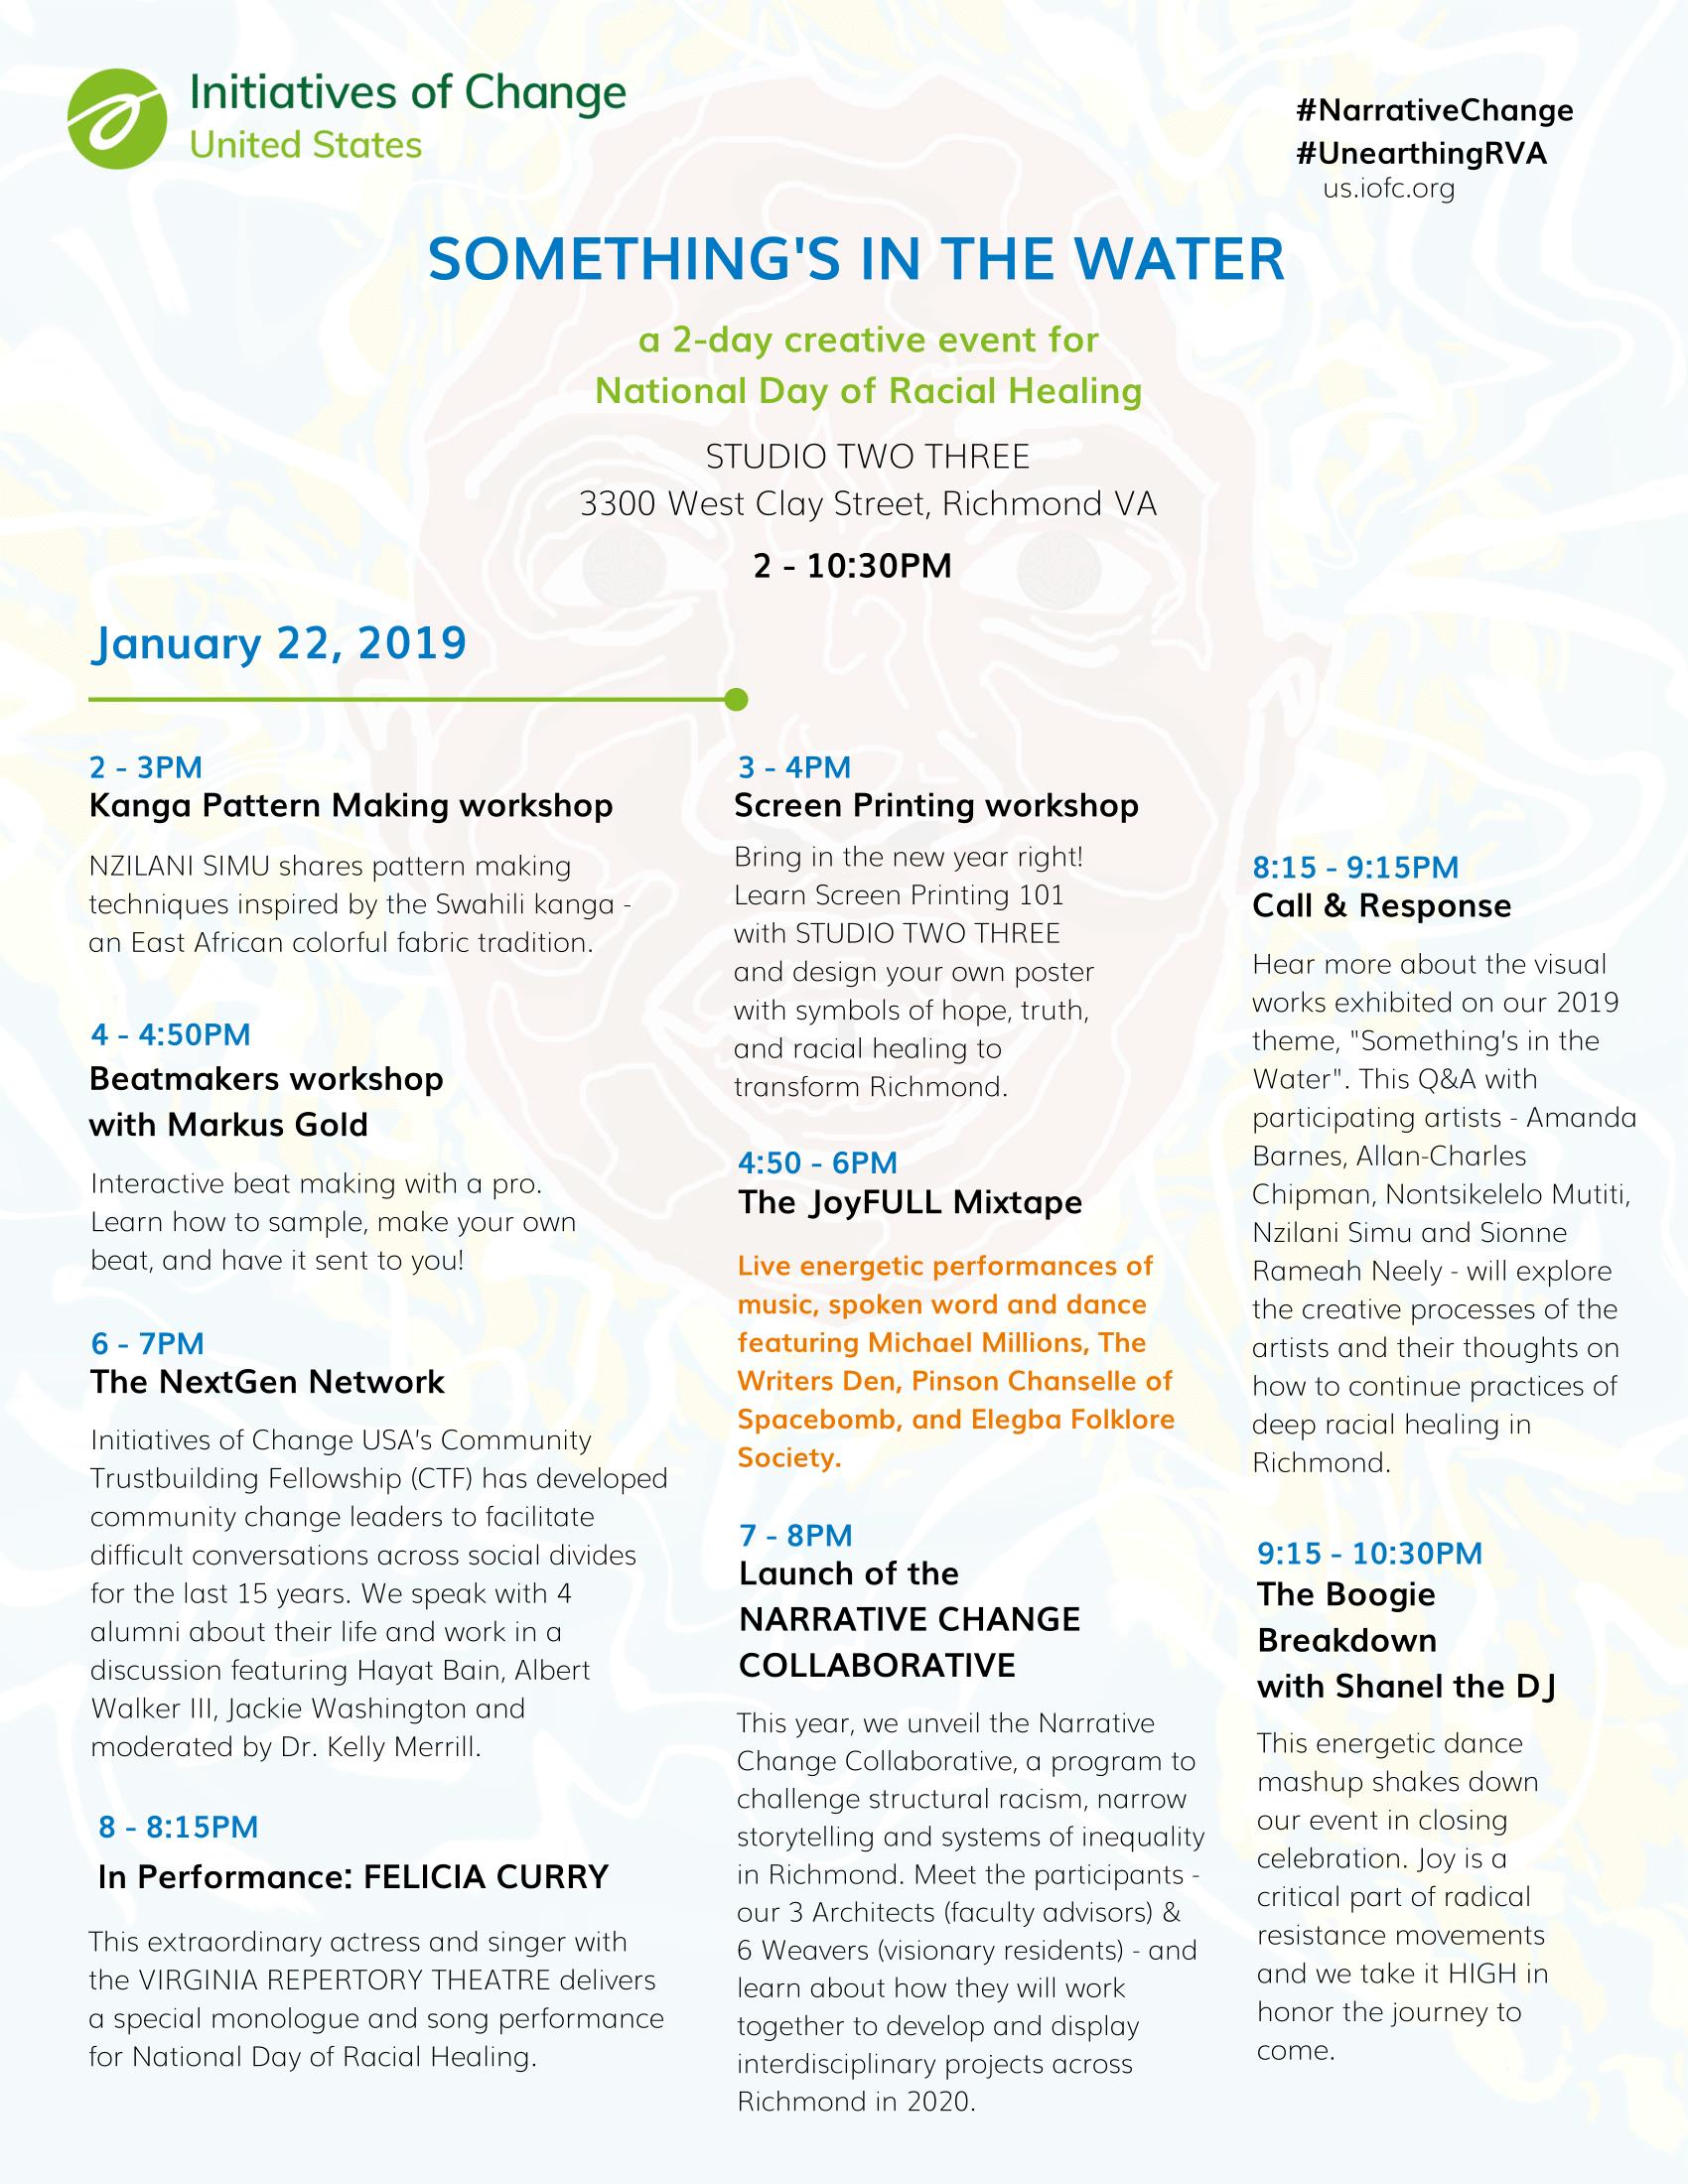 NDORH Schedule Jan 22 SM.png